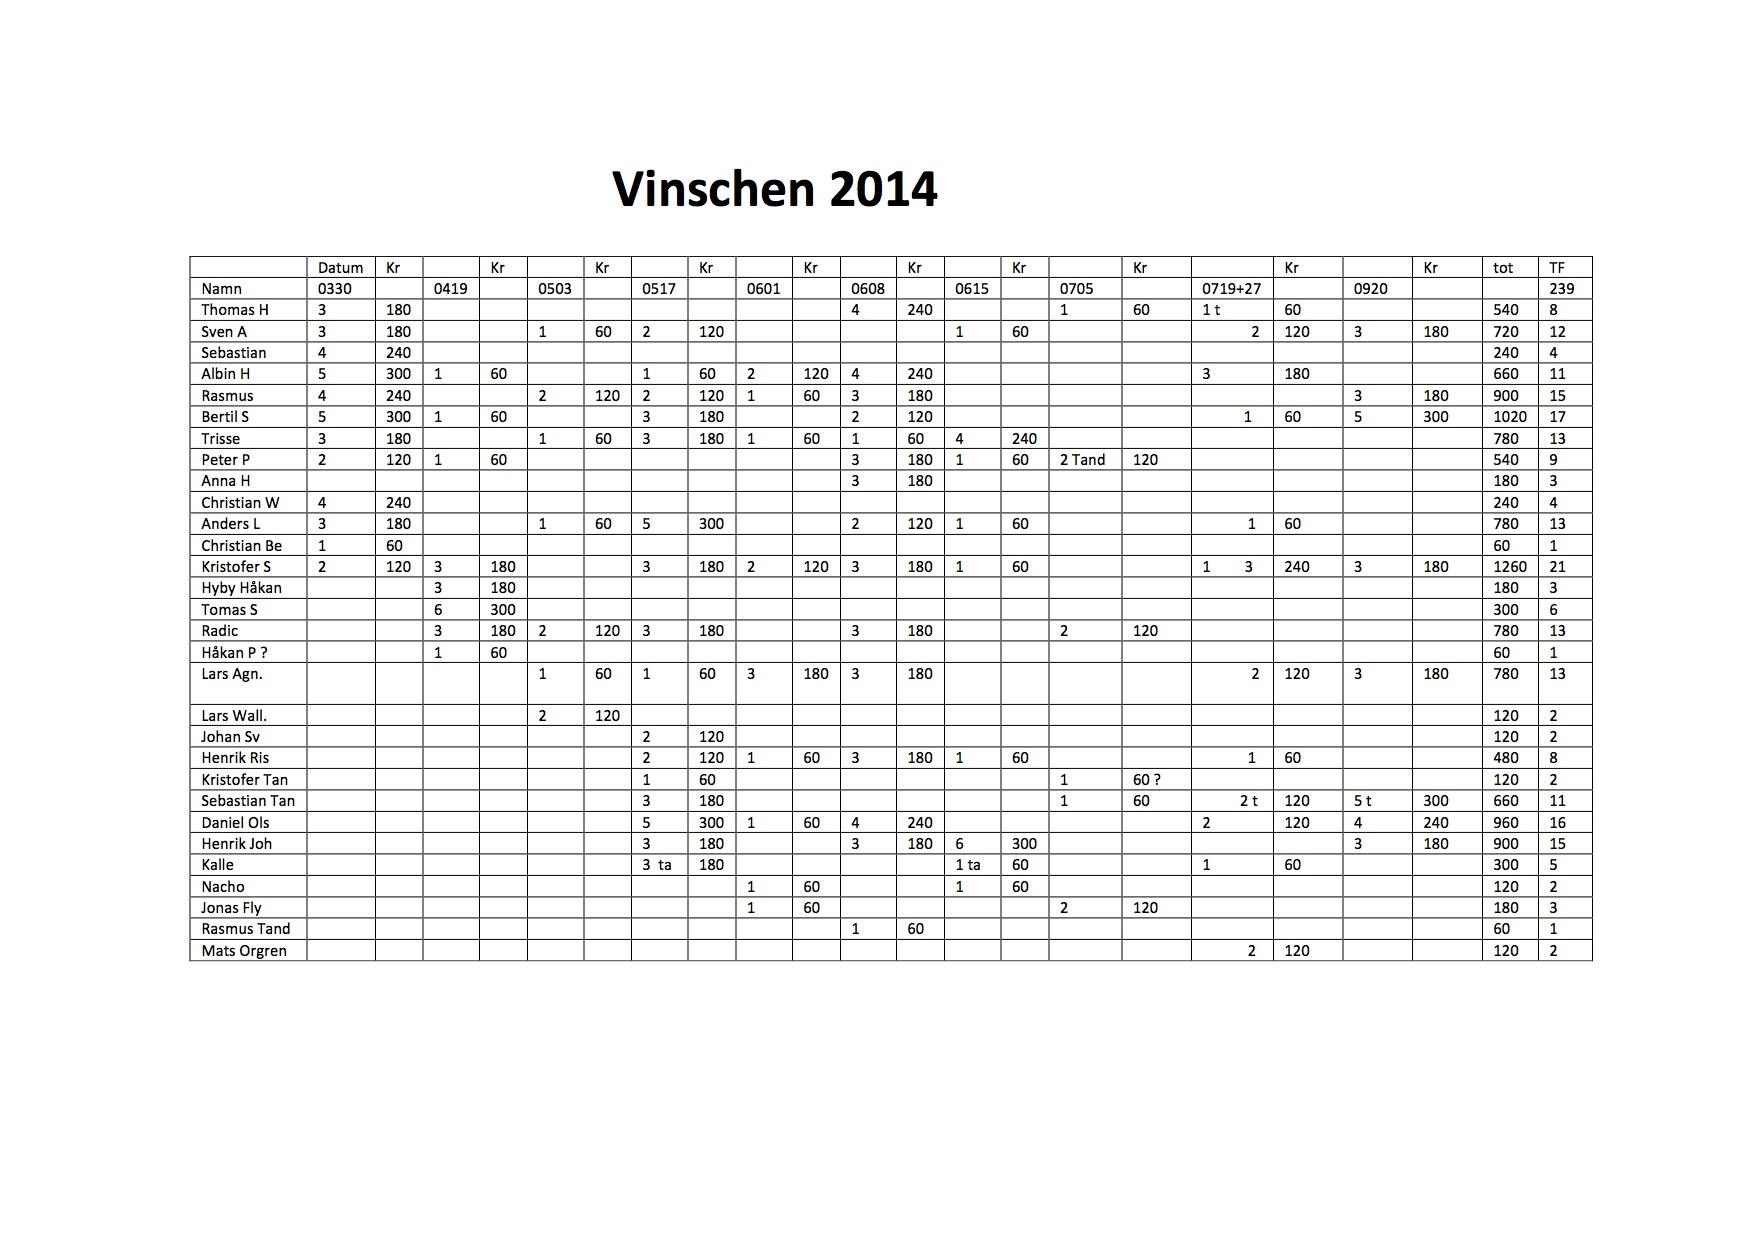 Vinschen 2014